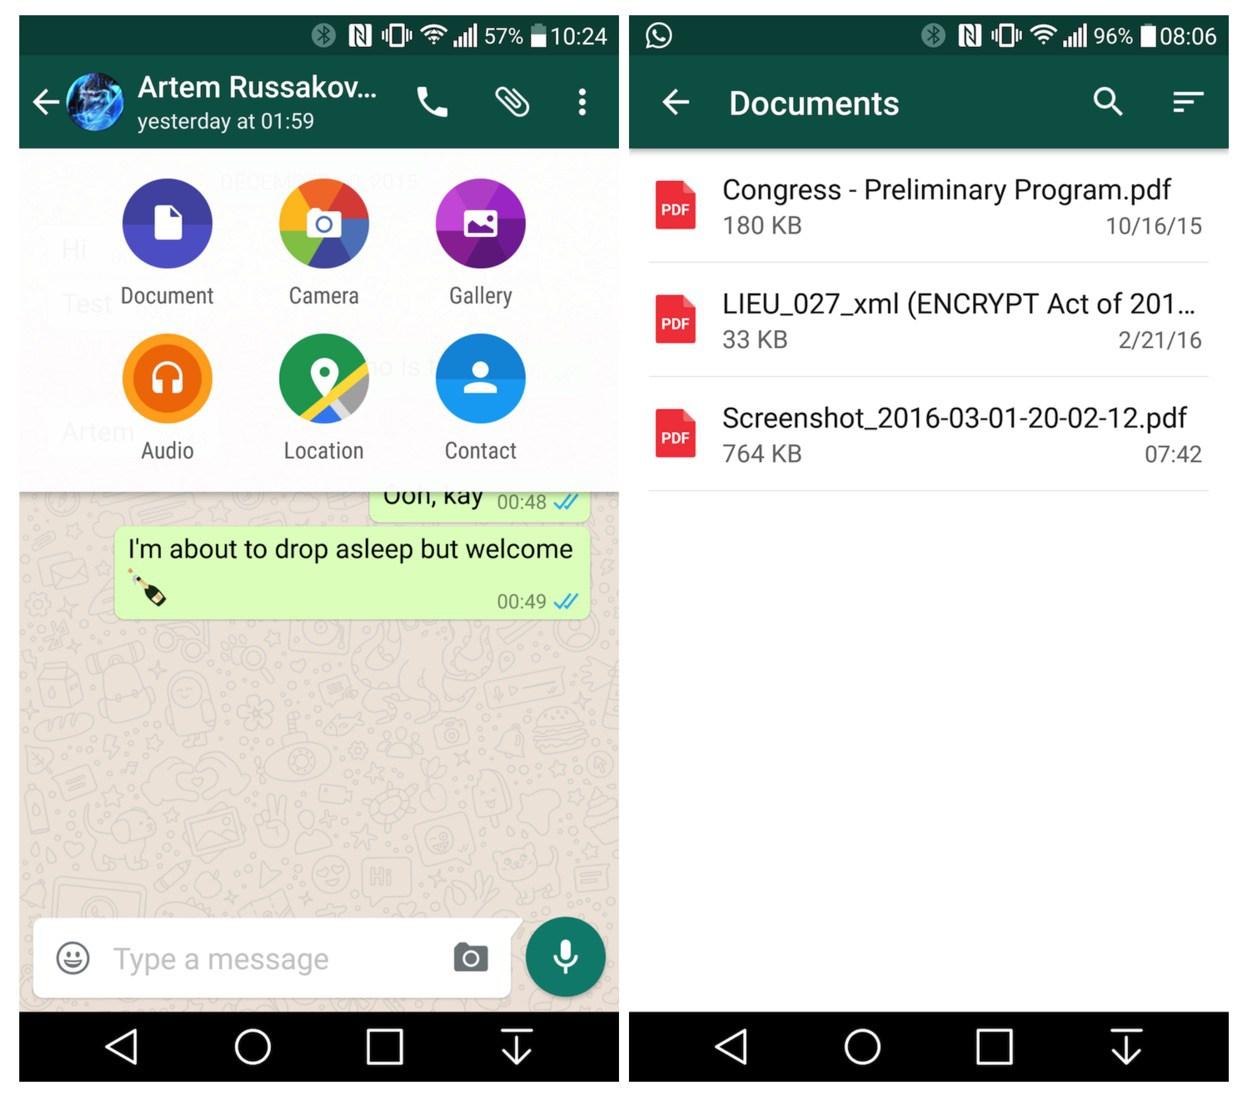 WhatsApp: Versand von PDF Dokumenten ist nun möglich